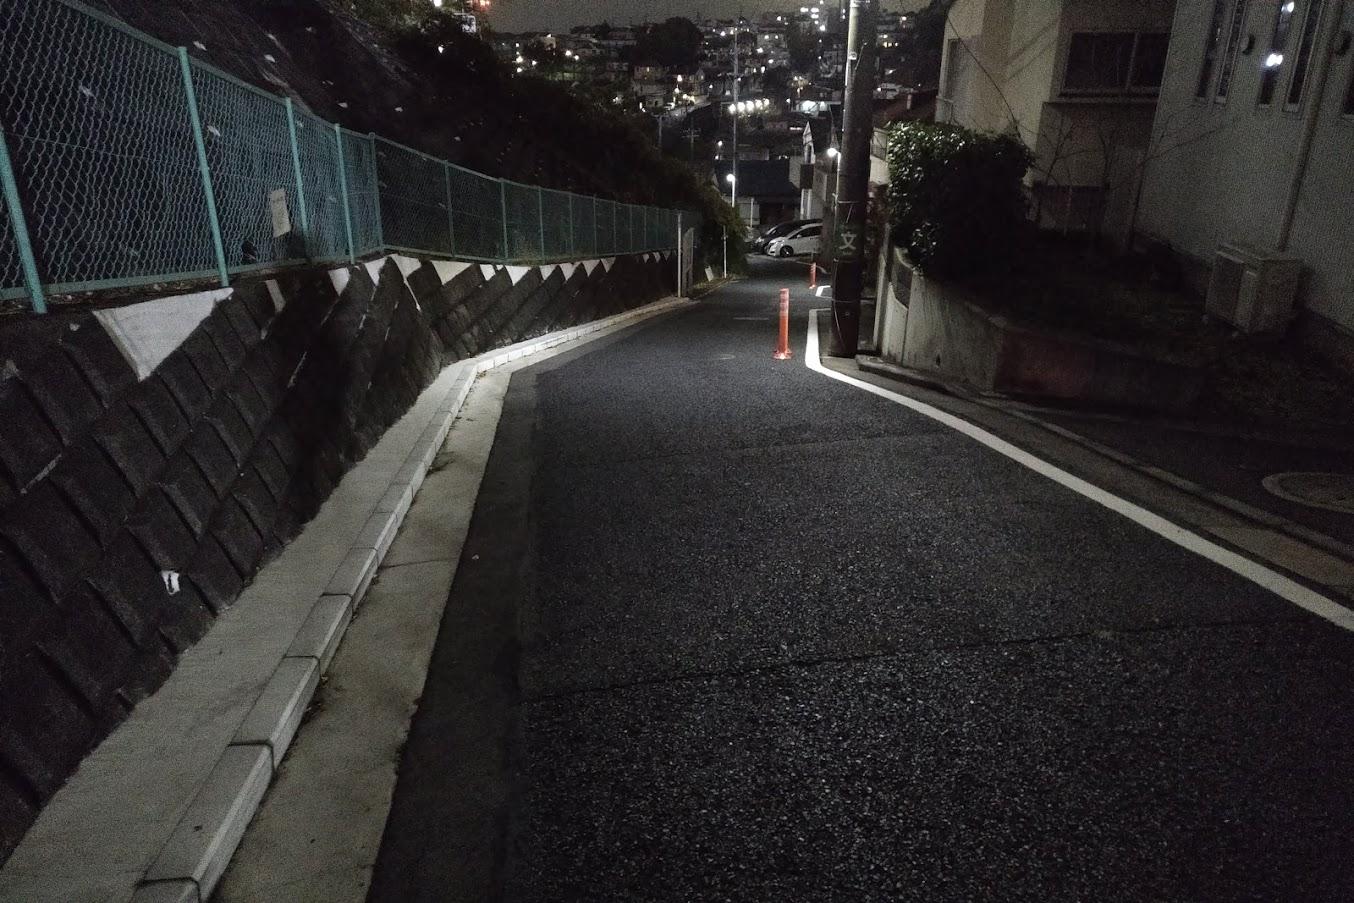 ニッパツ三ツ沢競技場から横浜駅までの道